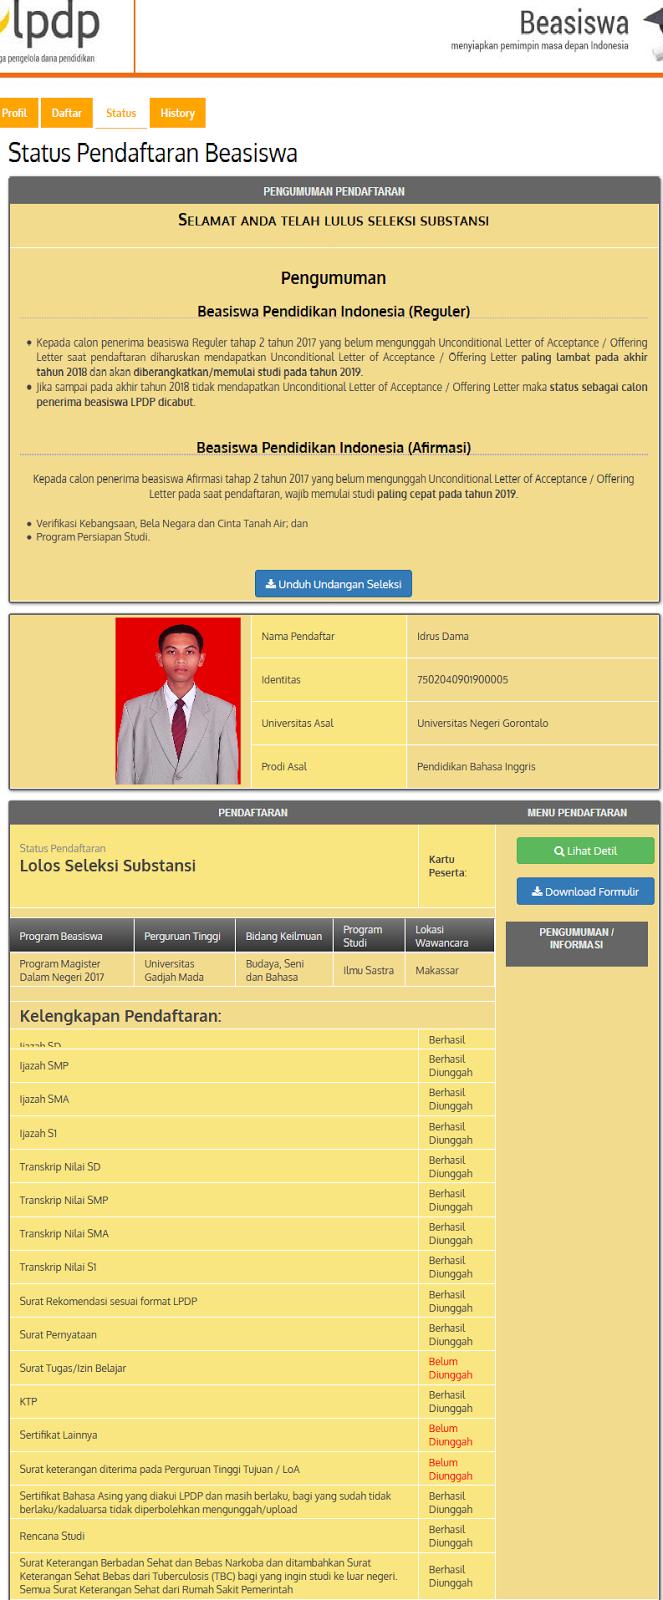 Tips Lolos Beasiswa LPDP Terbaru 2019 2020 2021